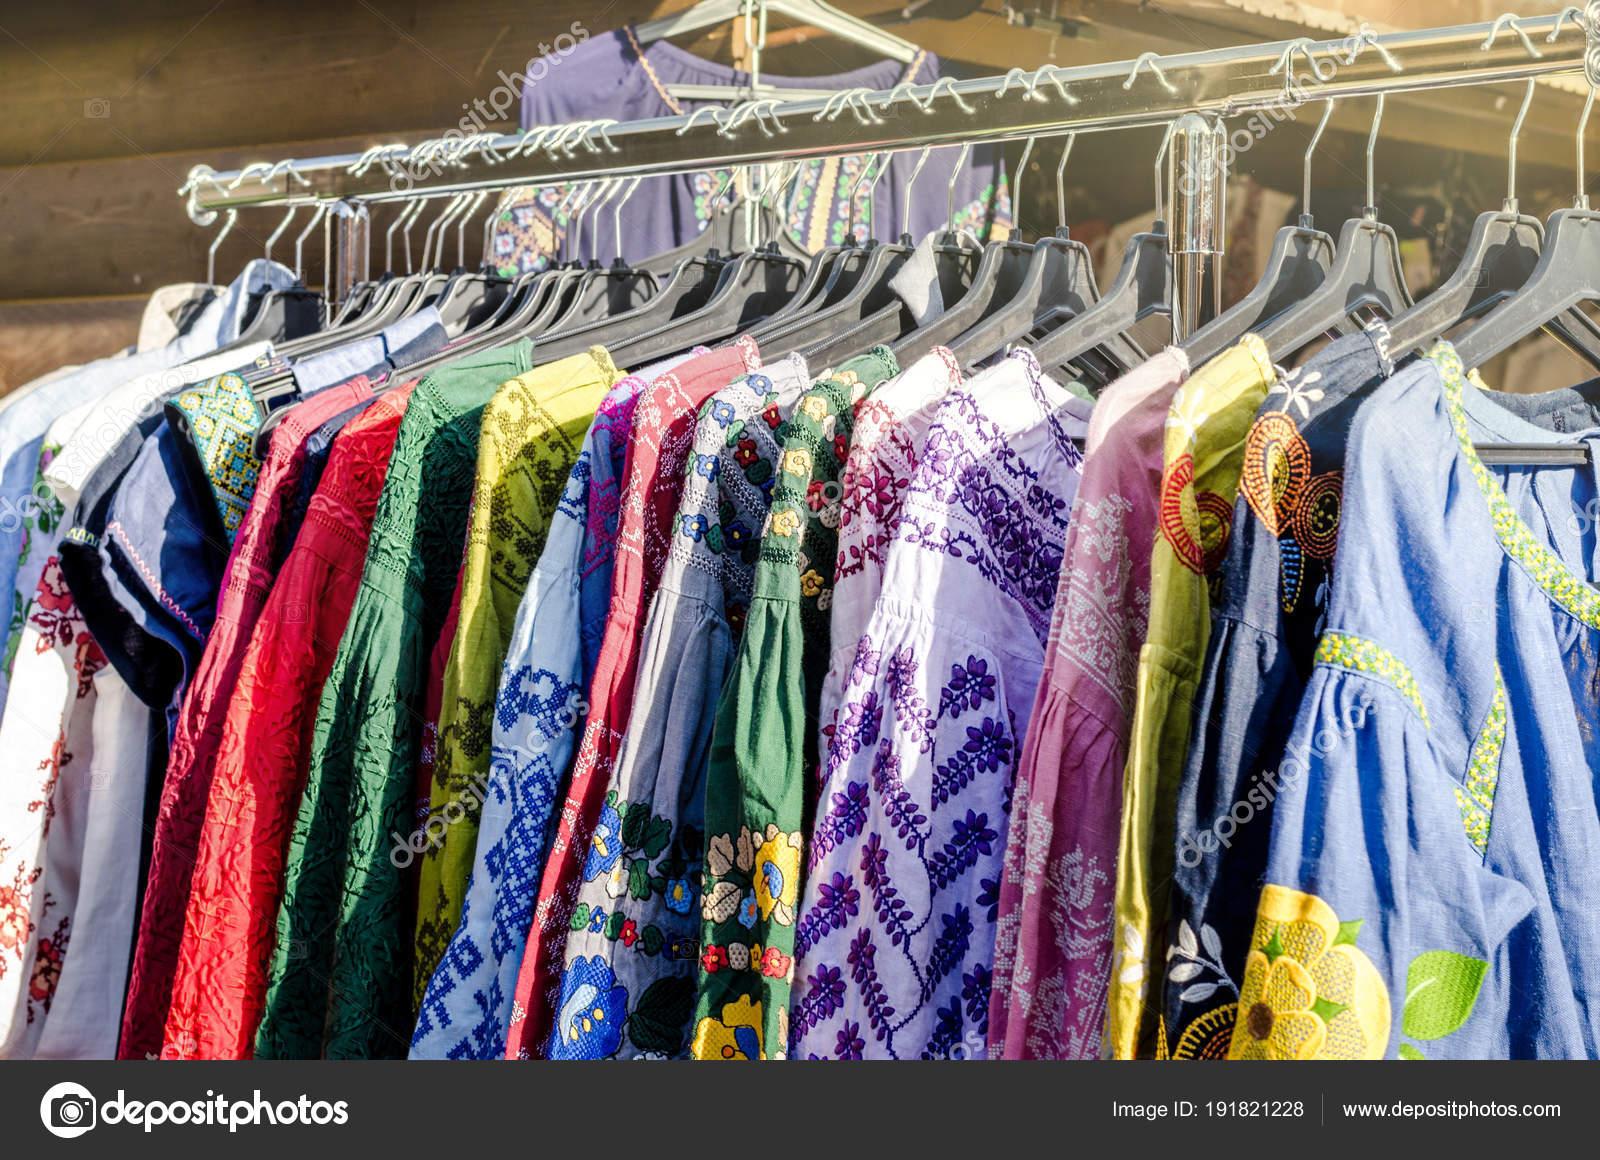 Κρεμάστρες με διαφορετικό τρόπο κομψό Γυναικεία ρούχα σε ρούχα ράφι  γυναίκες χειροποίητα κεντήματα φορέματα πώληση πολύχρωμο επιλογής έννοιας  της t-shirts ... e5f17d3e7a5